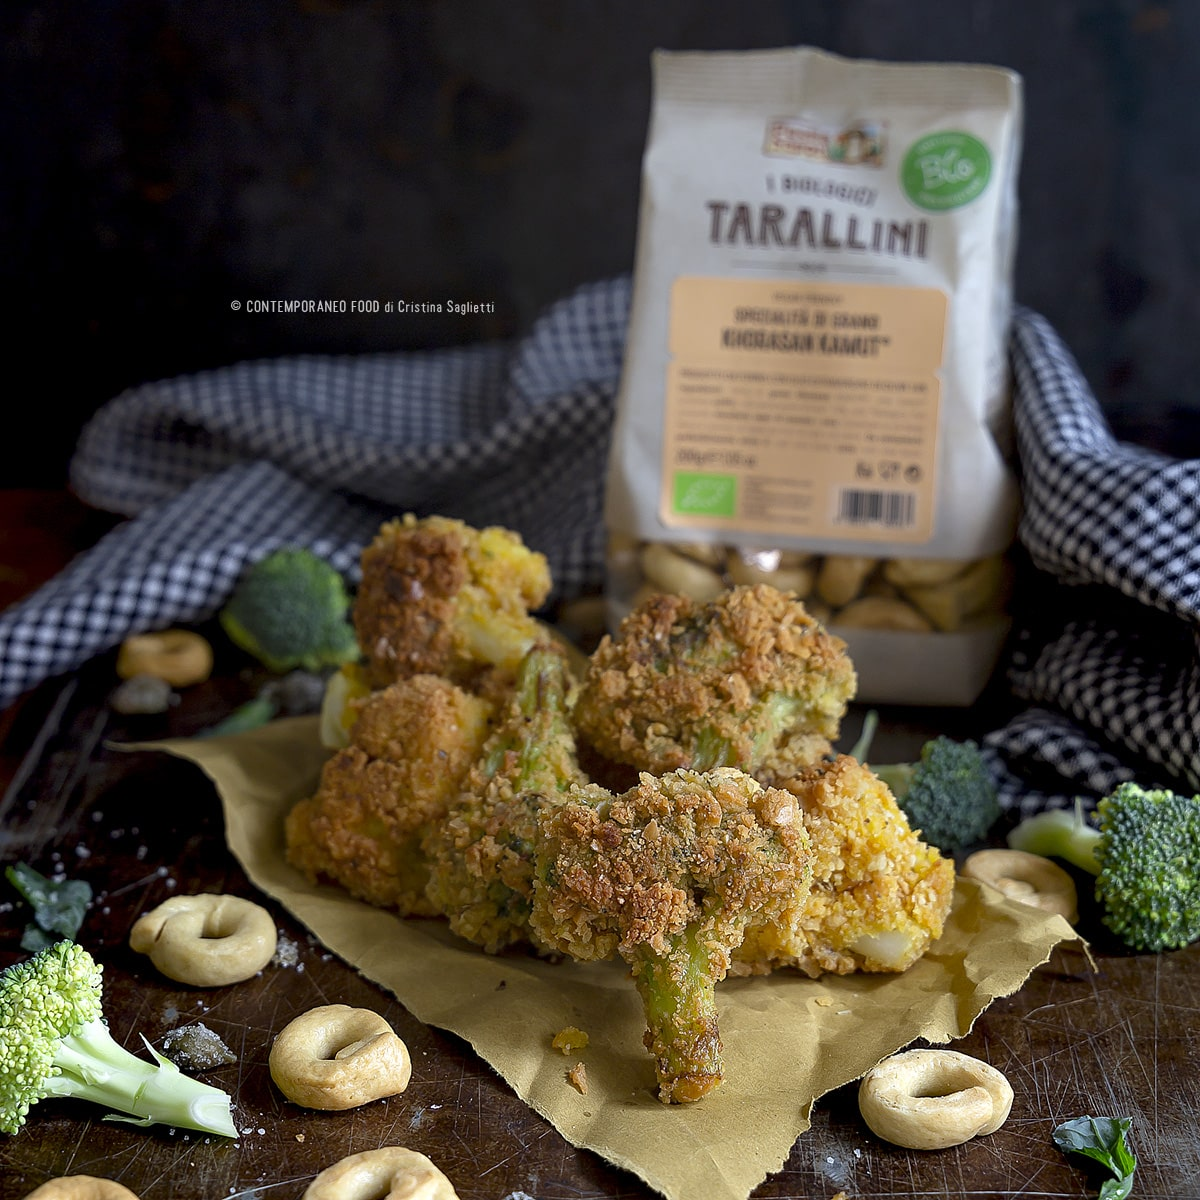 broccolo-cavolfiore-fritto-doppia-panatura-taralli-kamut-puglia-sapori-ricetta-contemporaneo-food